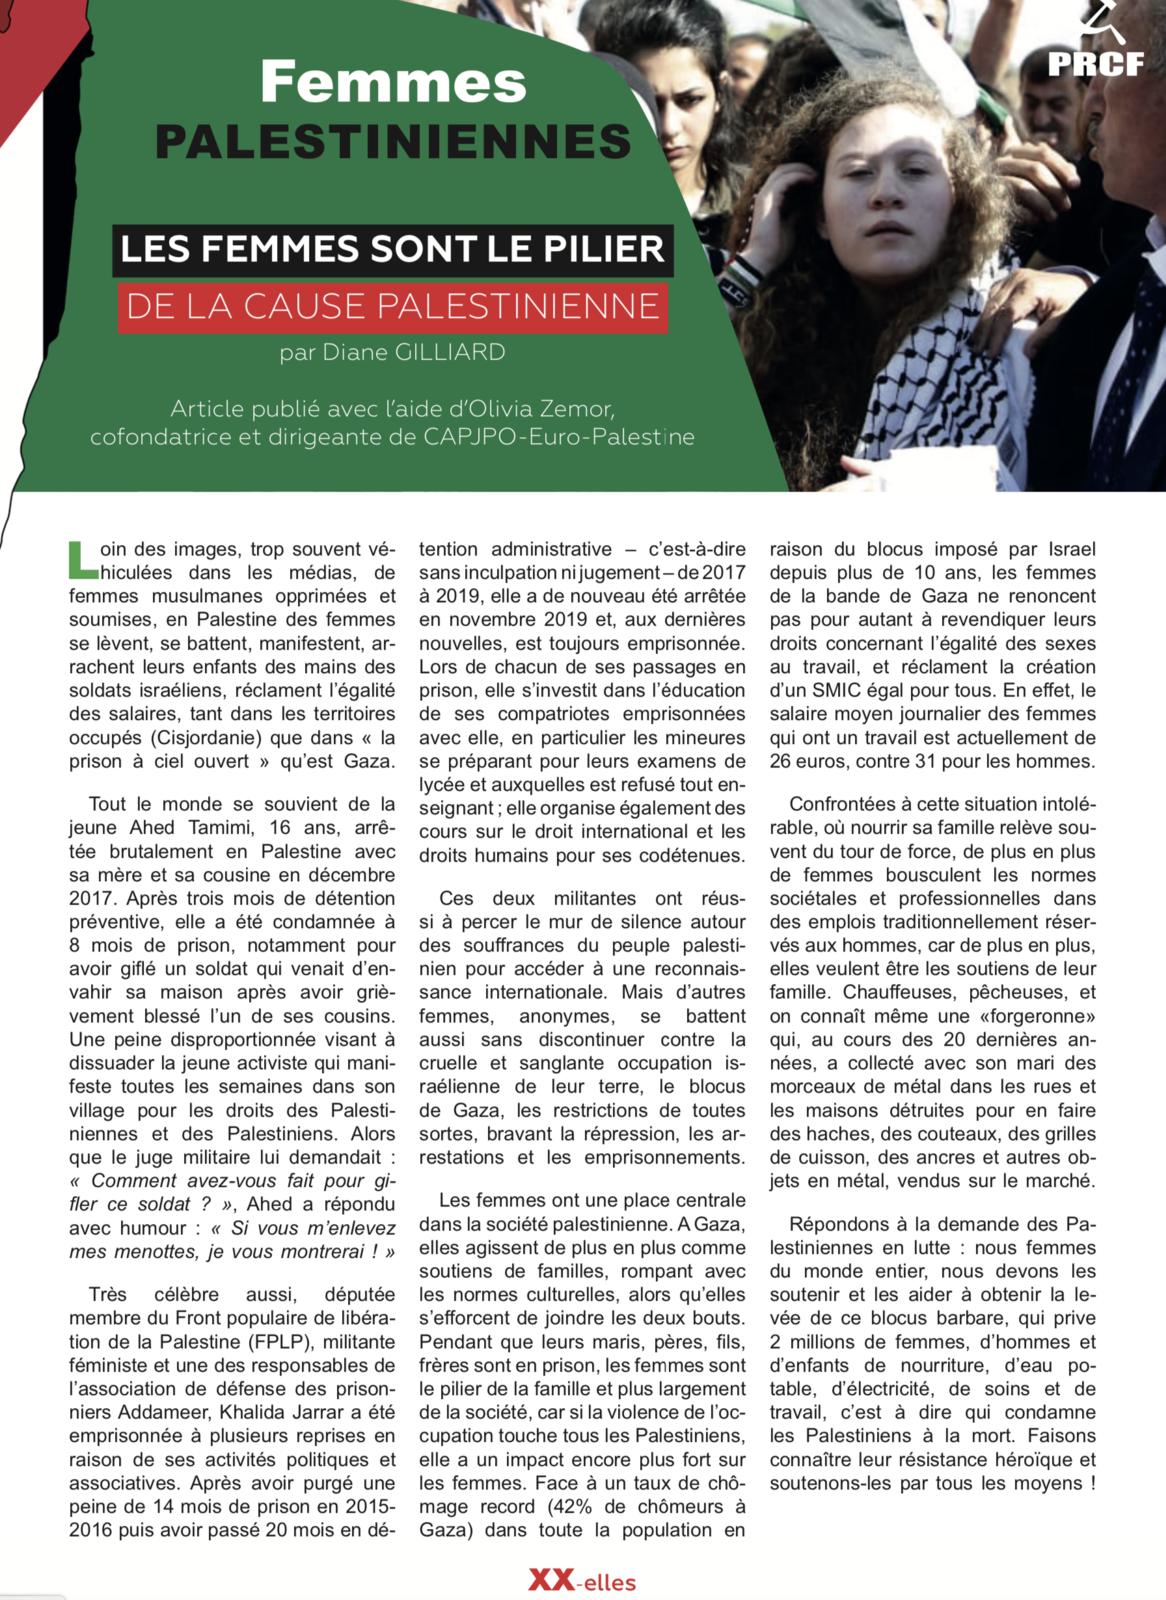 XX-elles n° 1, 8 mars 2021, par la Commission Femmes du Pôle de Renaissance Communiste en France (PRCF)